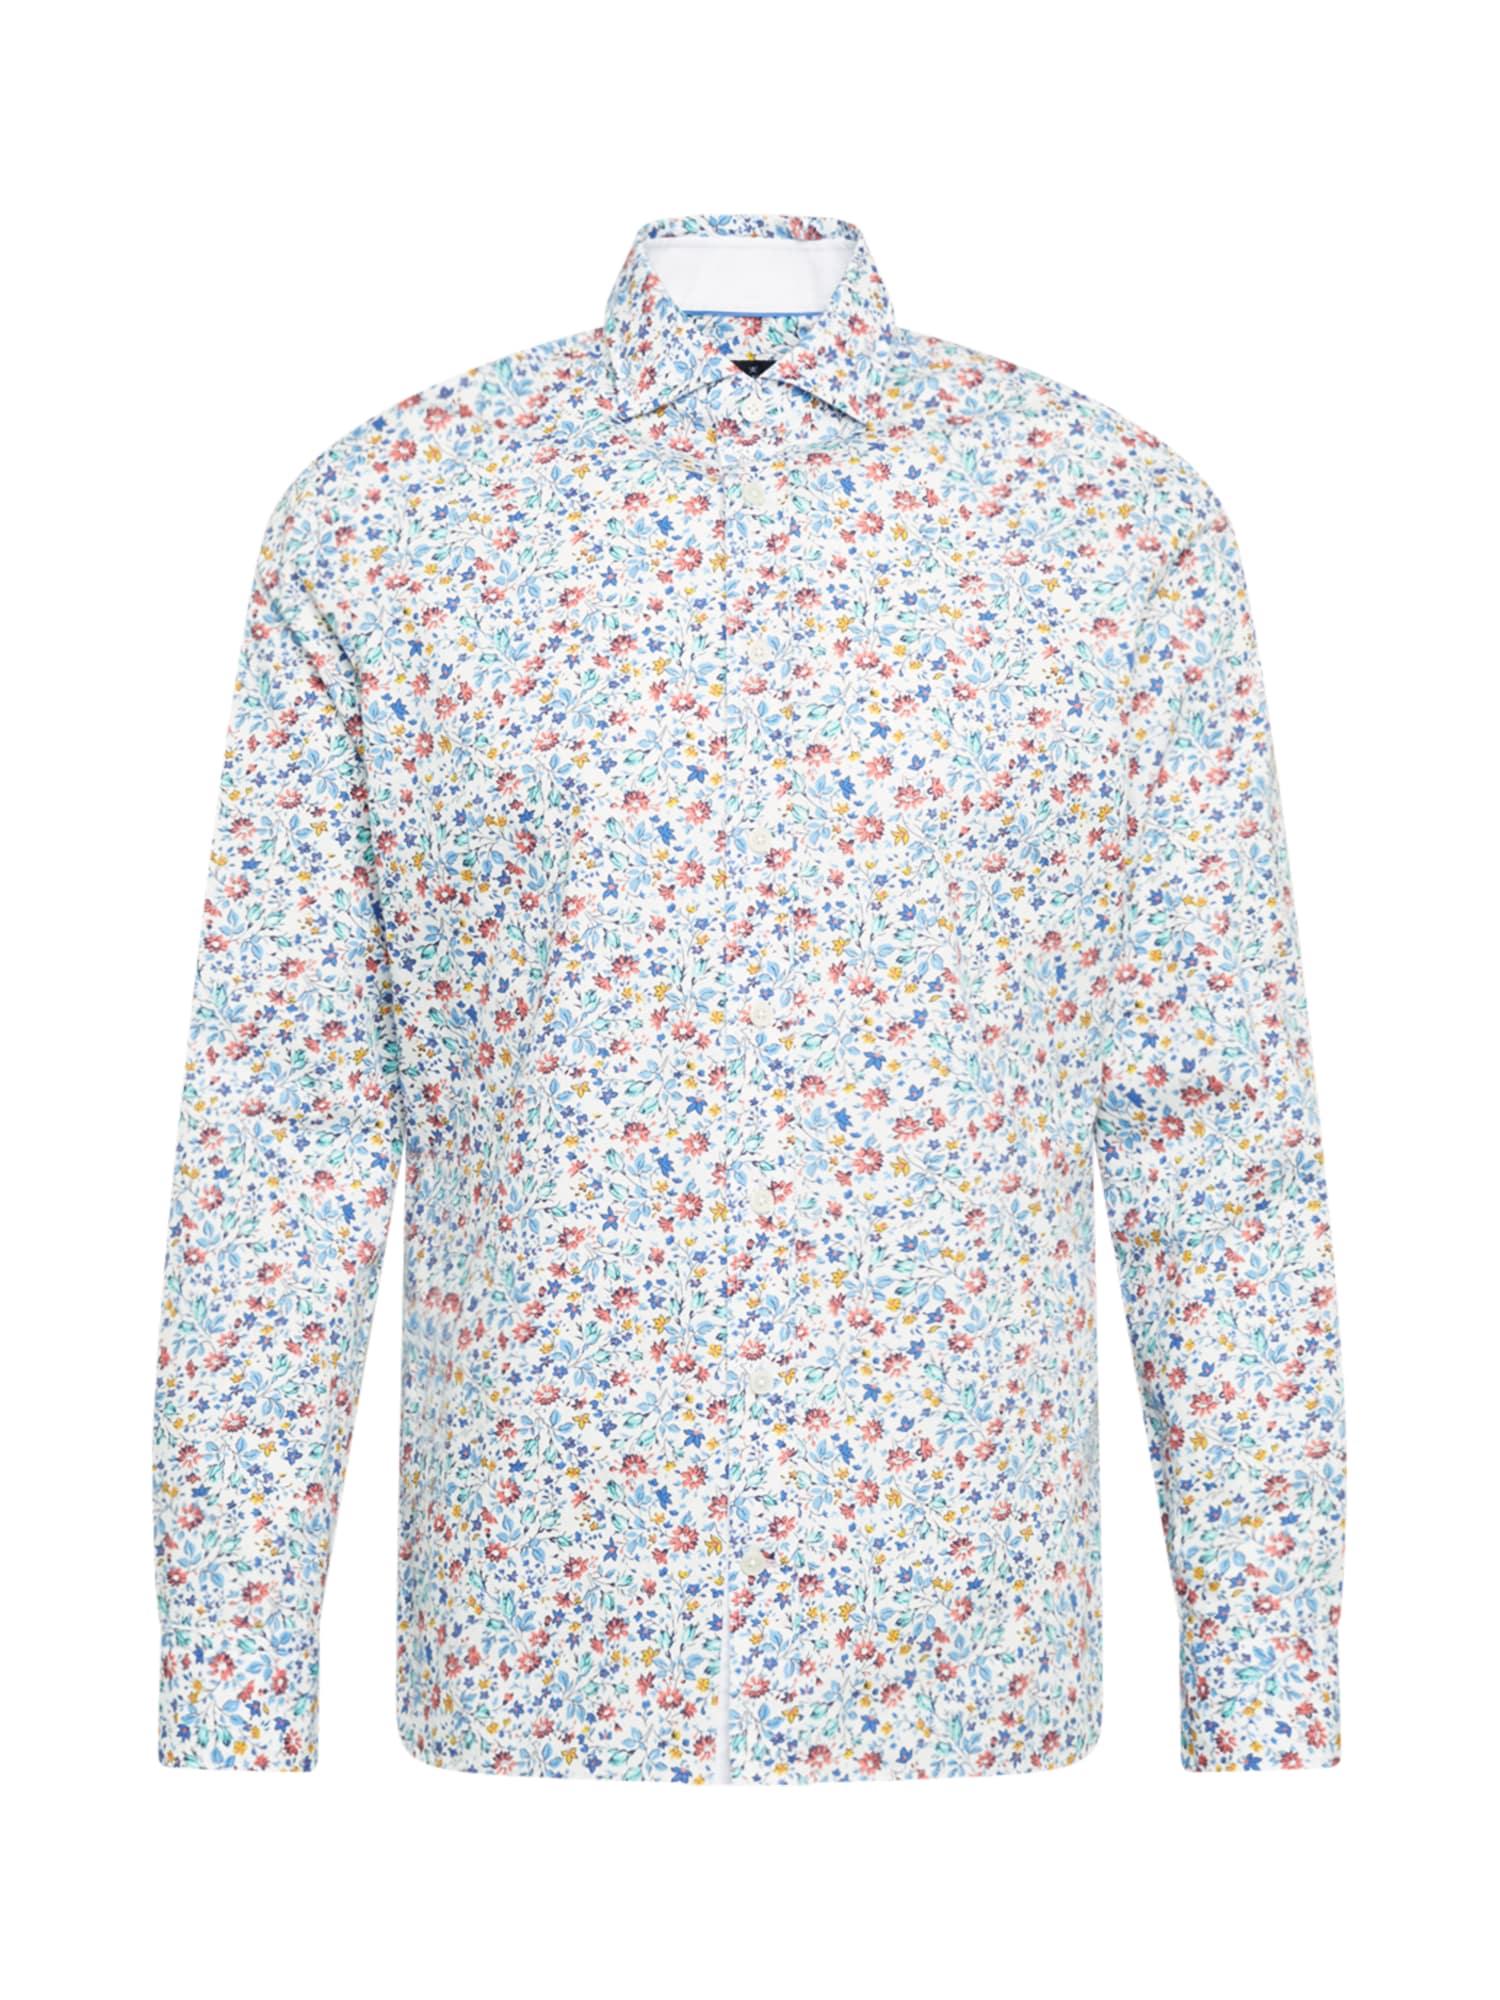 Hackett London Marškiniai mišrios spalvos / balta / mėlyna / šviesiai mėlyna / geltona / pastelinė raudona